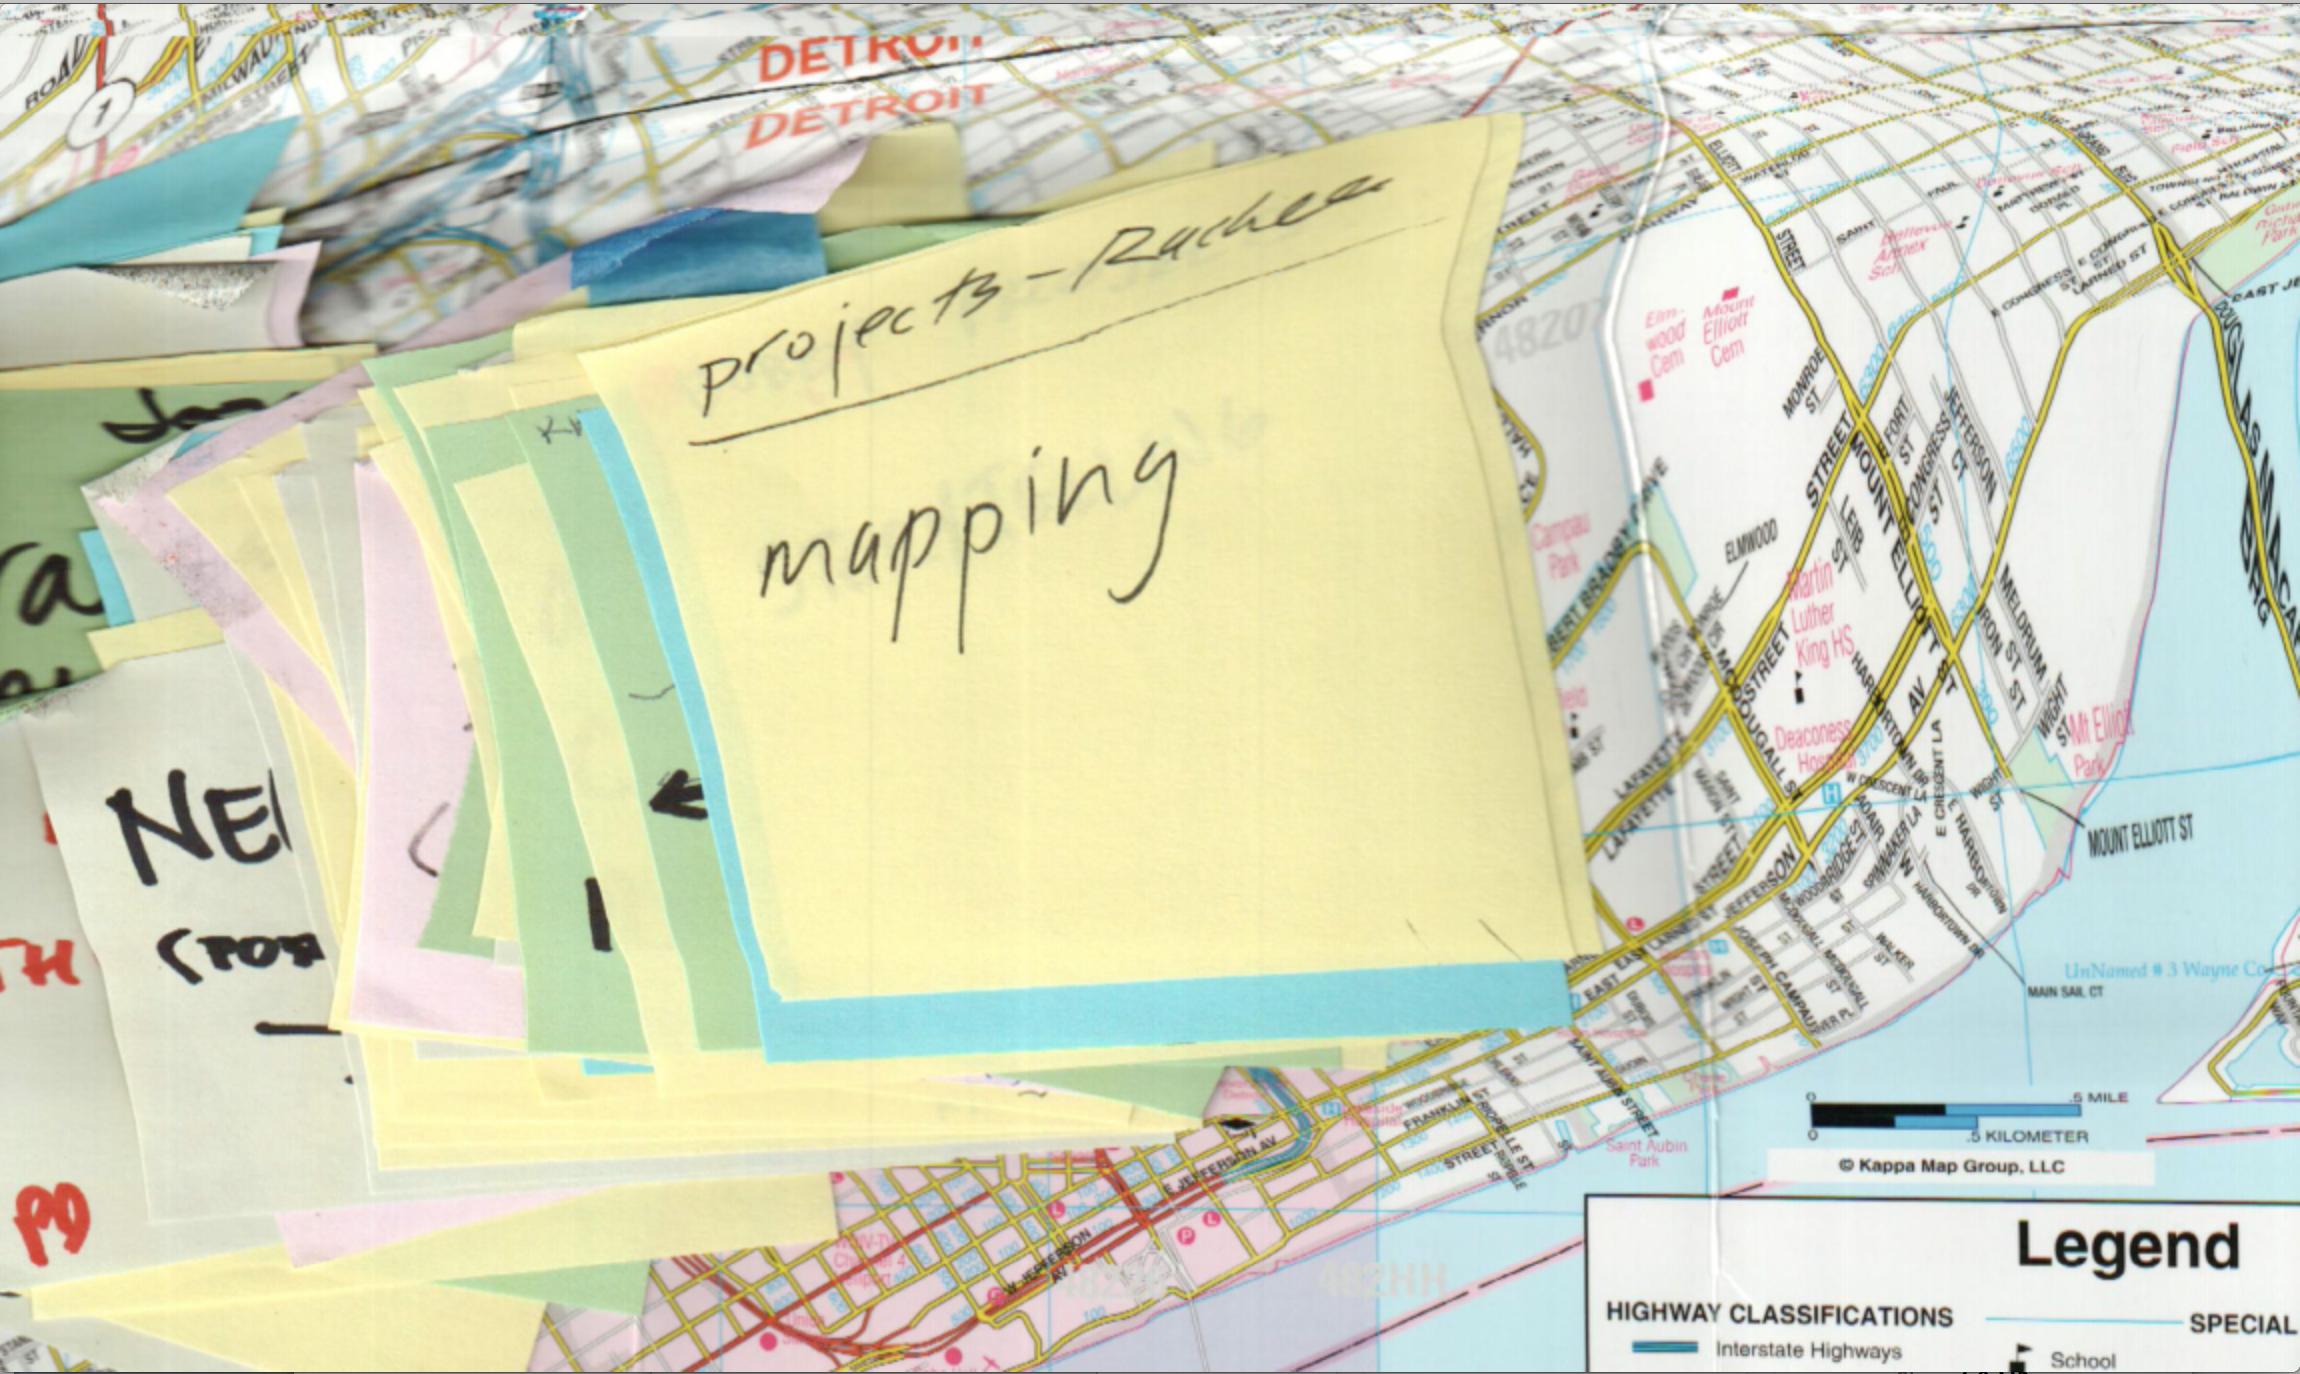 DesignInquiry DesignCity Detroit